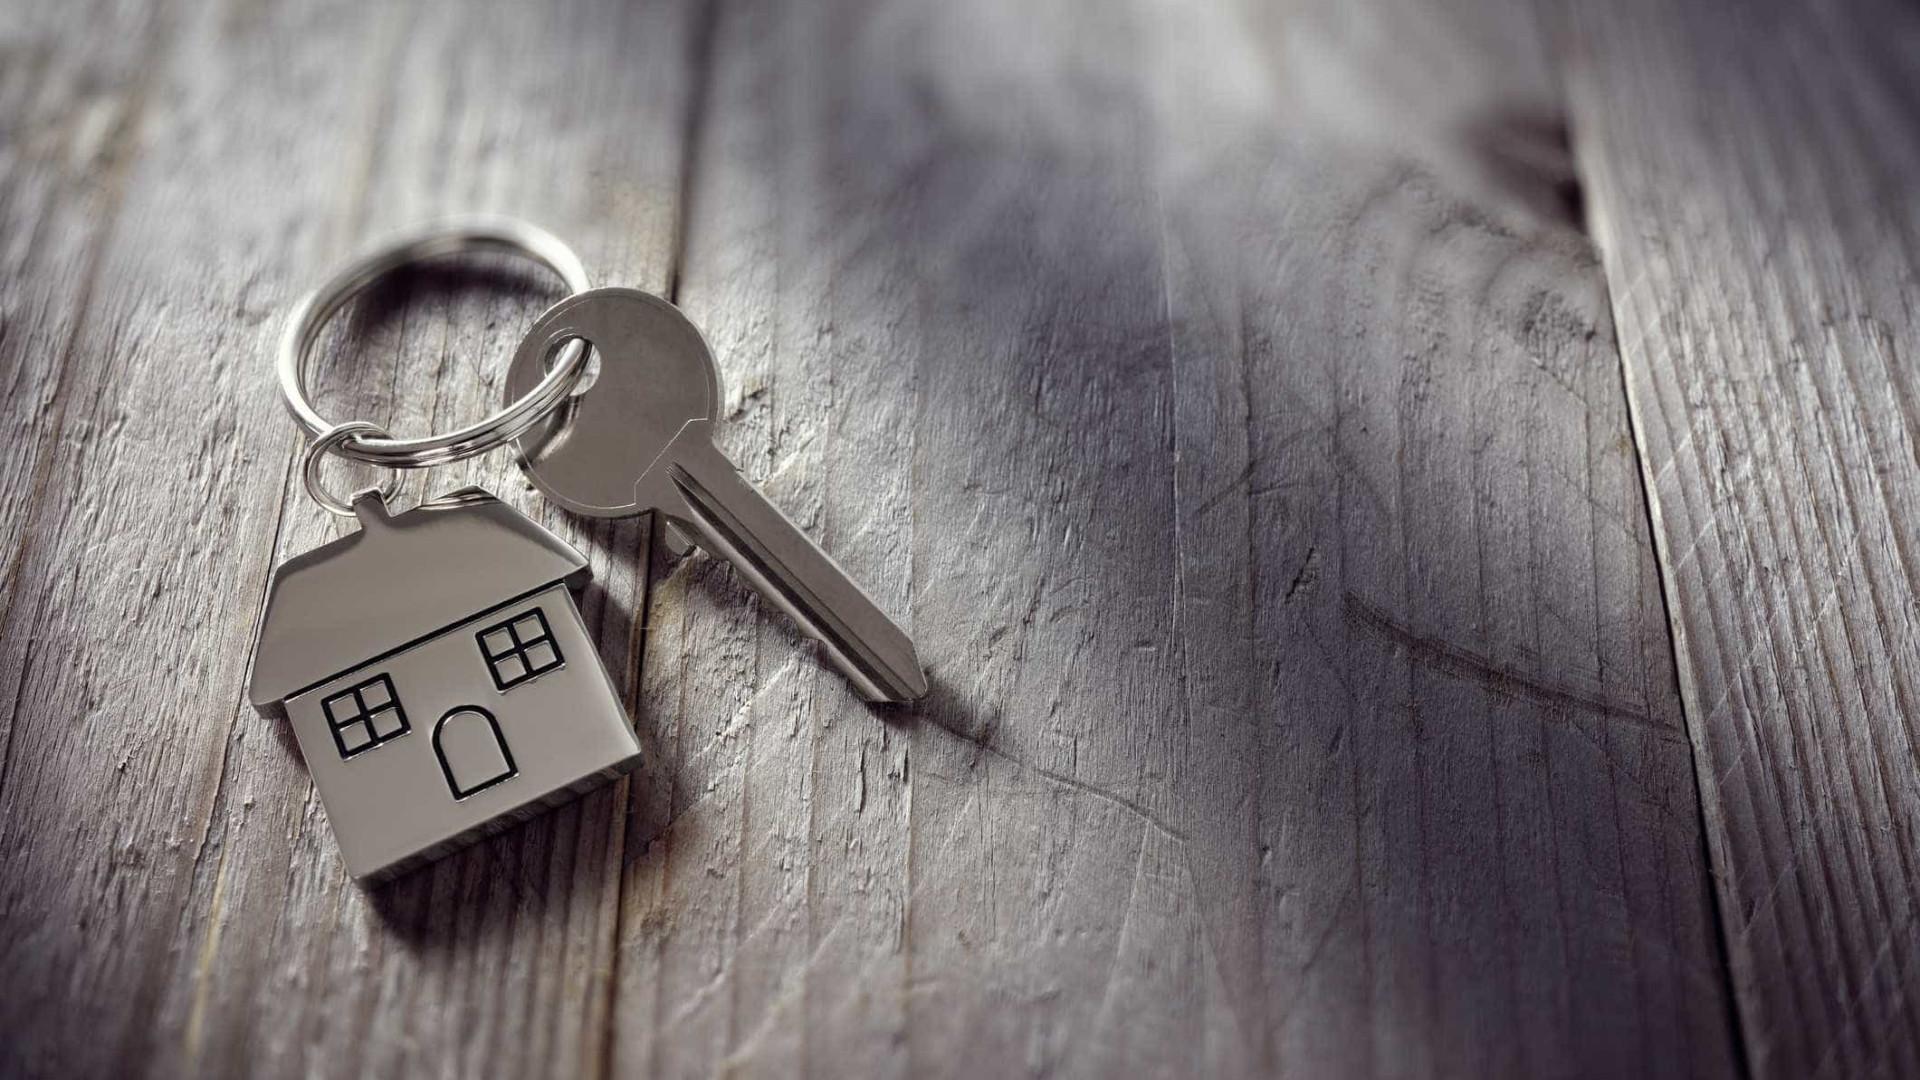 Associação aplaude criação de sociedades de gestão imobiliária